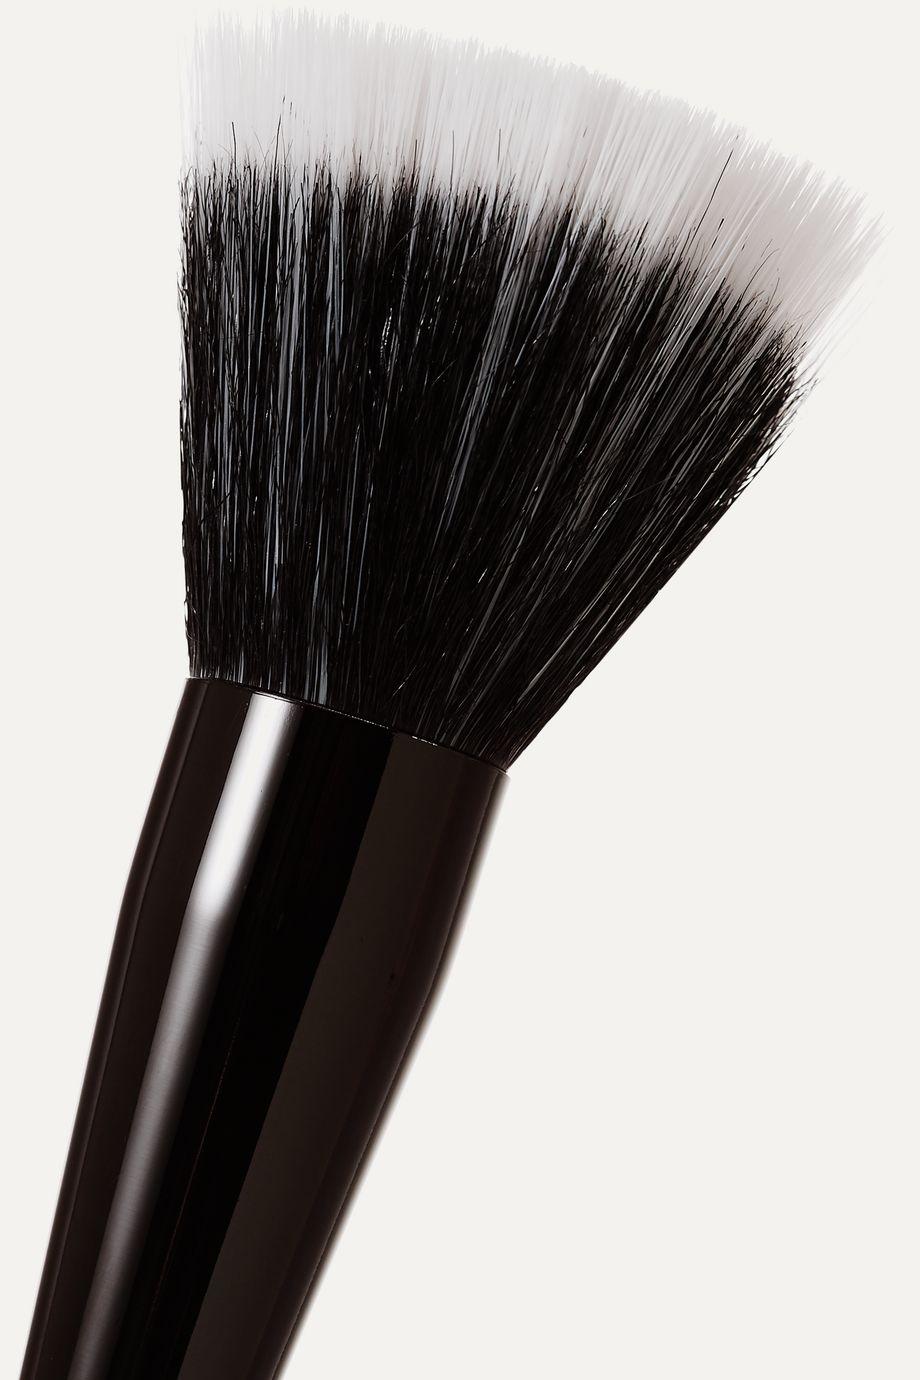 Yves Saint Laurent Beauty Polishing Brush